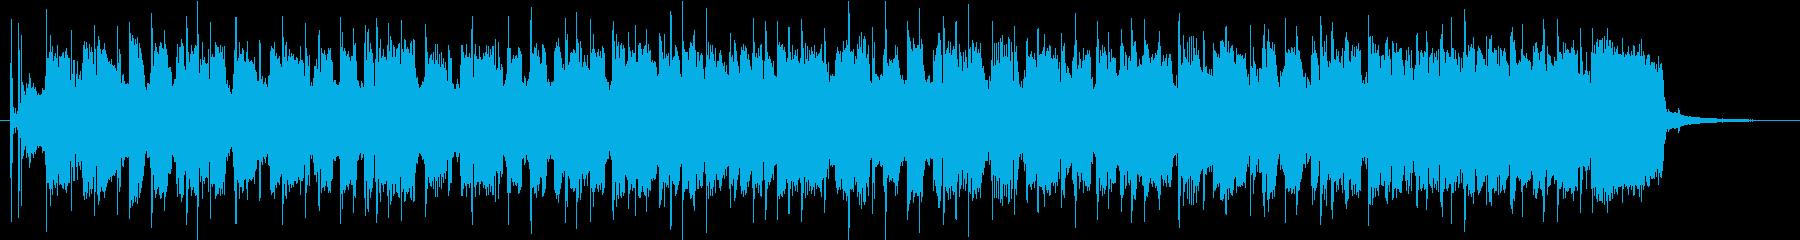 パンクロックな雰囲気のBGMの再生済みの波形